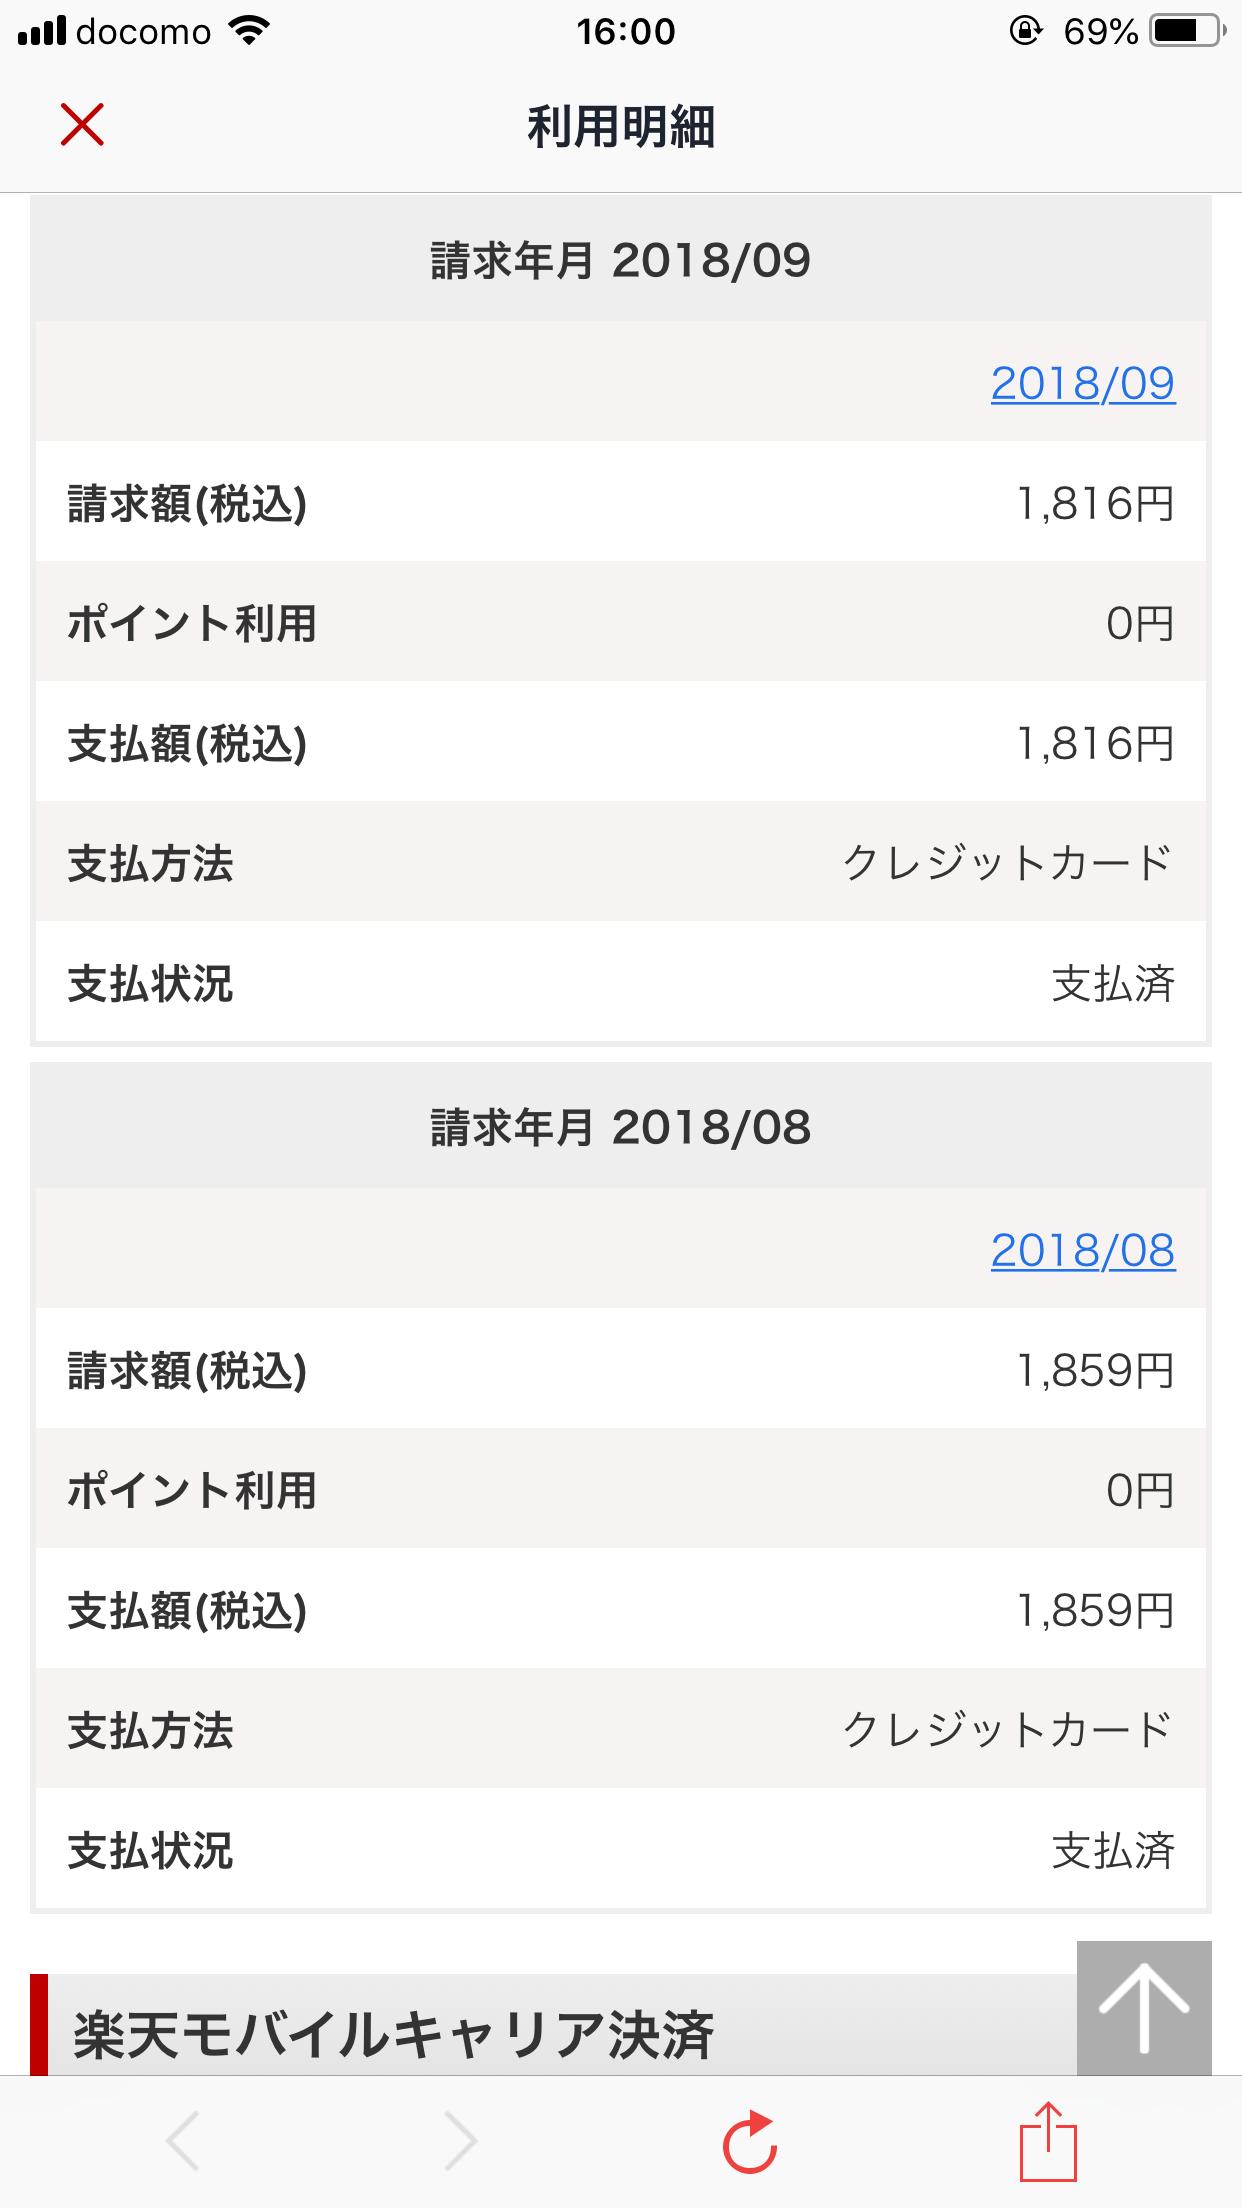 利用明細(2018/08〜2018/09)